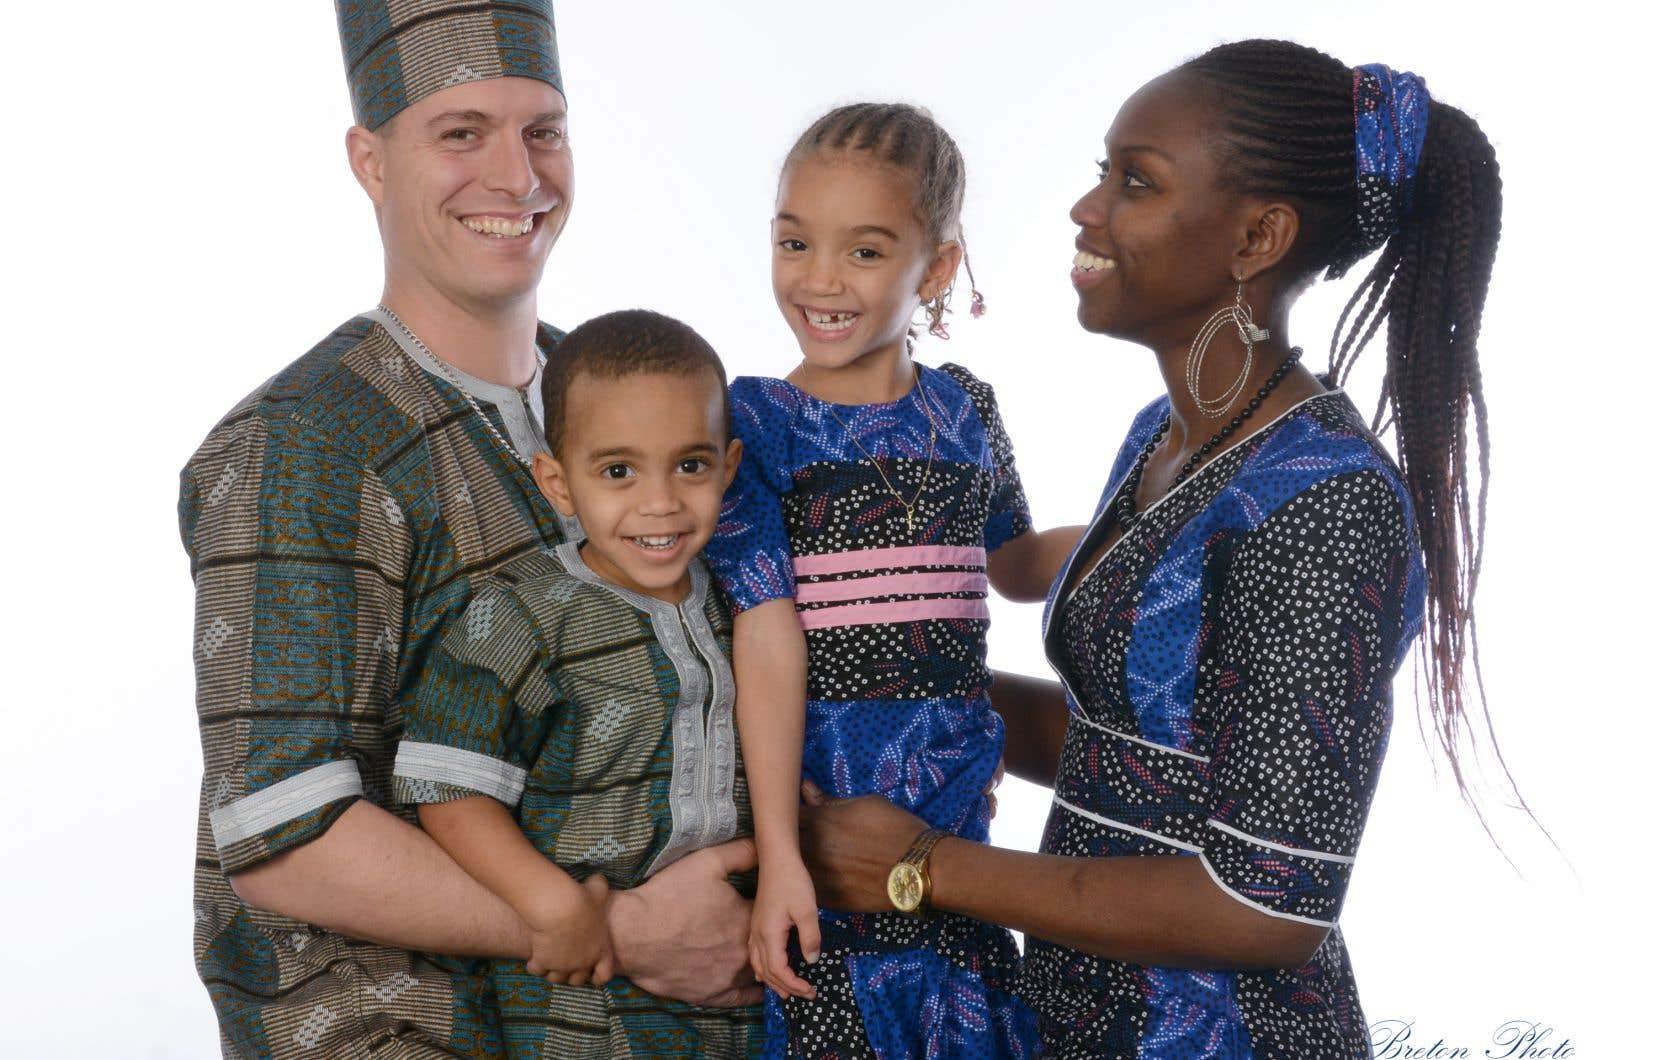 «Au Sénégal, on accorde beaucoup d'importance aux habits pour les Fêtes. Alors, mon mari, mes enfants et moi, nous nous procurons des nouvelles tenues pour Noël», explique Madeleine Gomis, précisant que les coiffures spéciales sont aussi de mise.